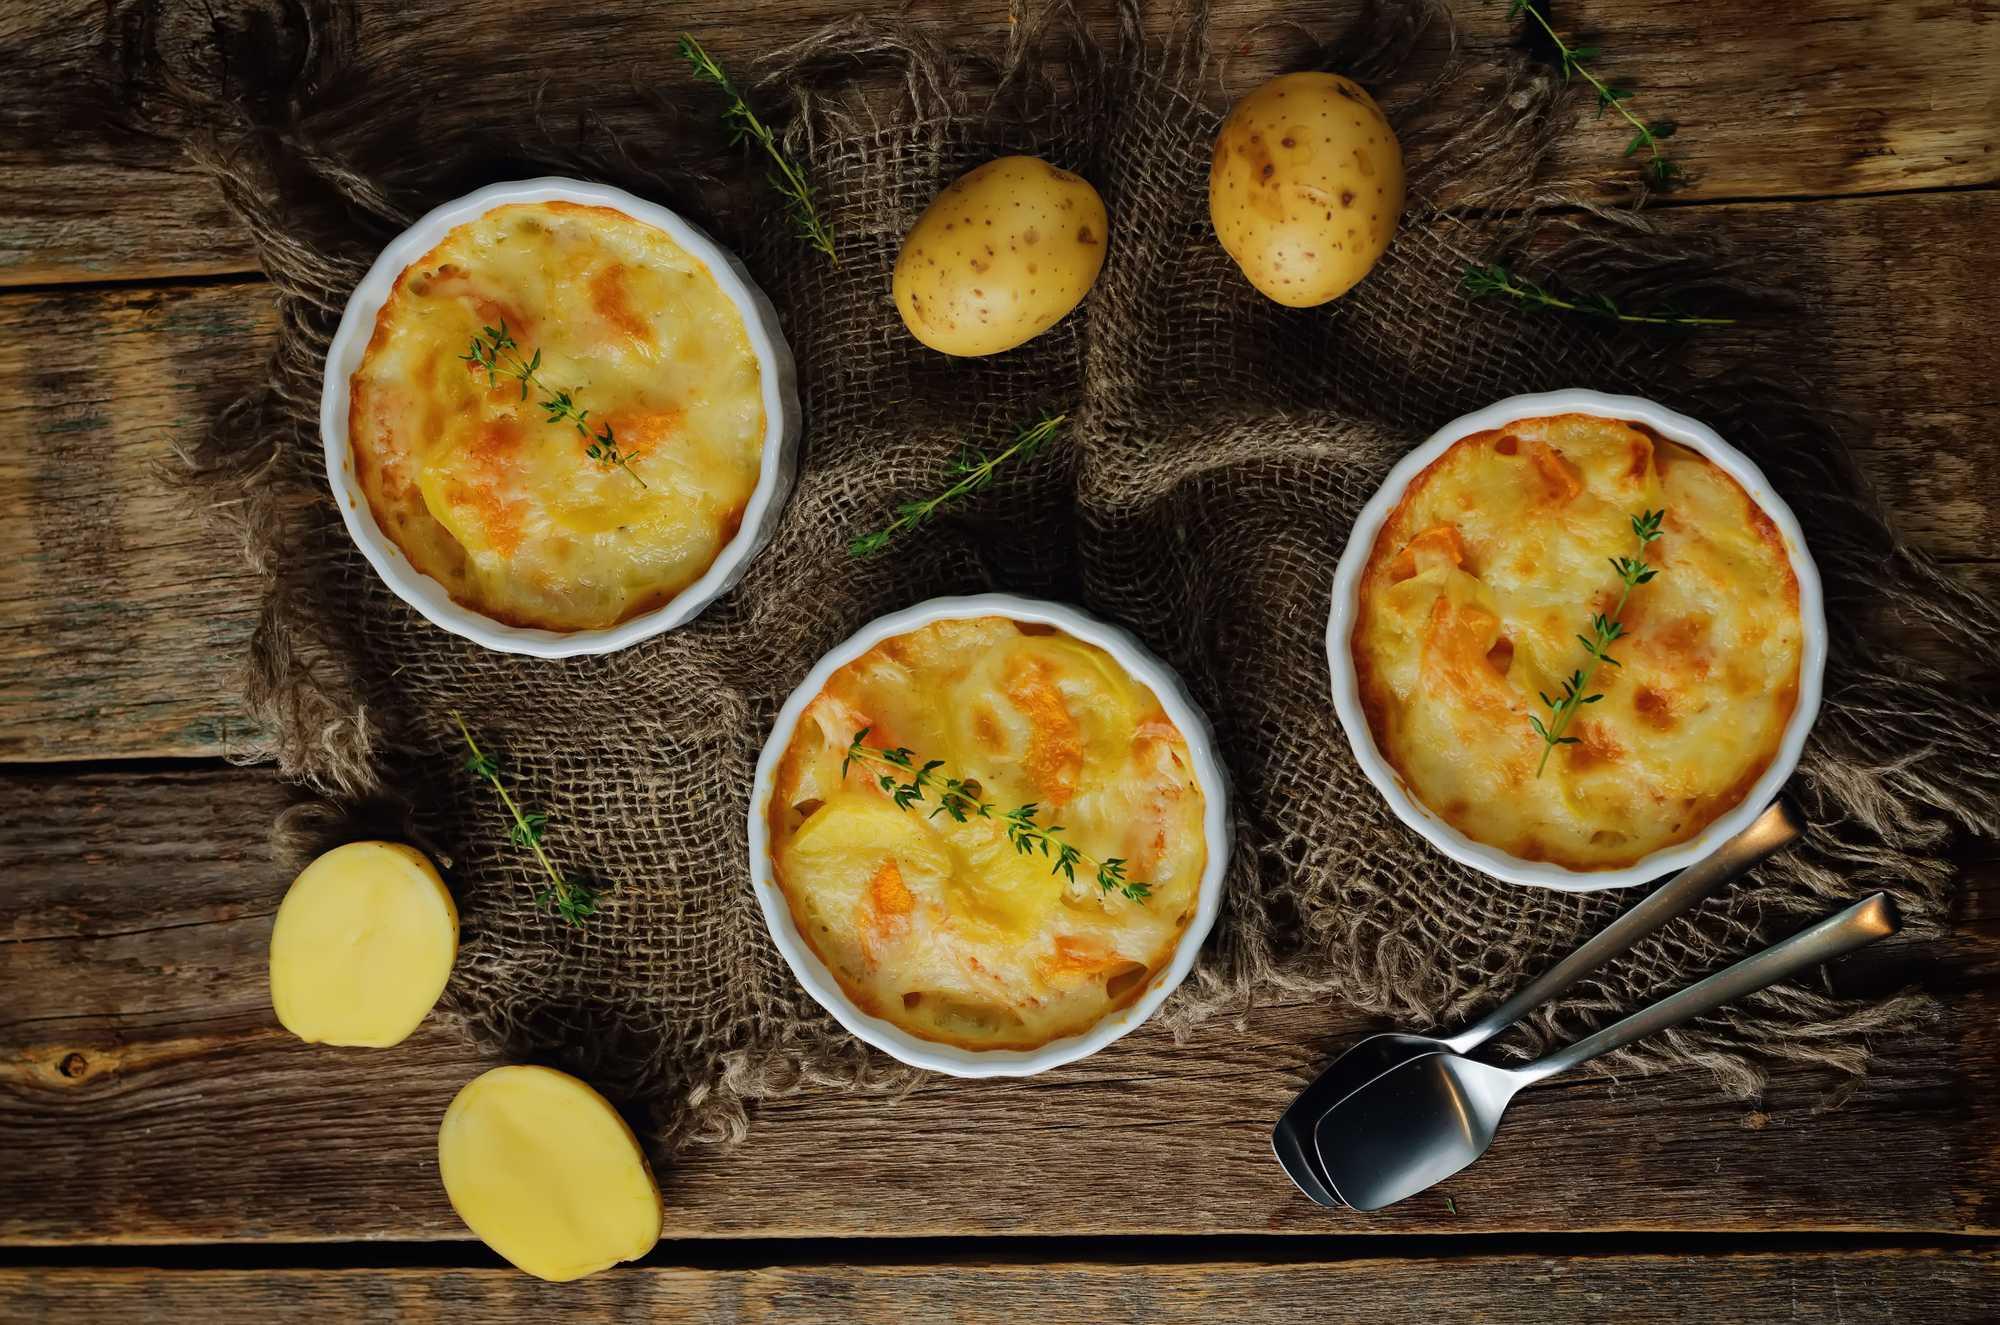 Présenté sur une table rustique, trois petits ramequins ronds contiennent ce Parmentier au saumon. Quelques pommes de terre sont disposées autour.